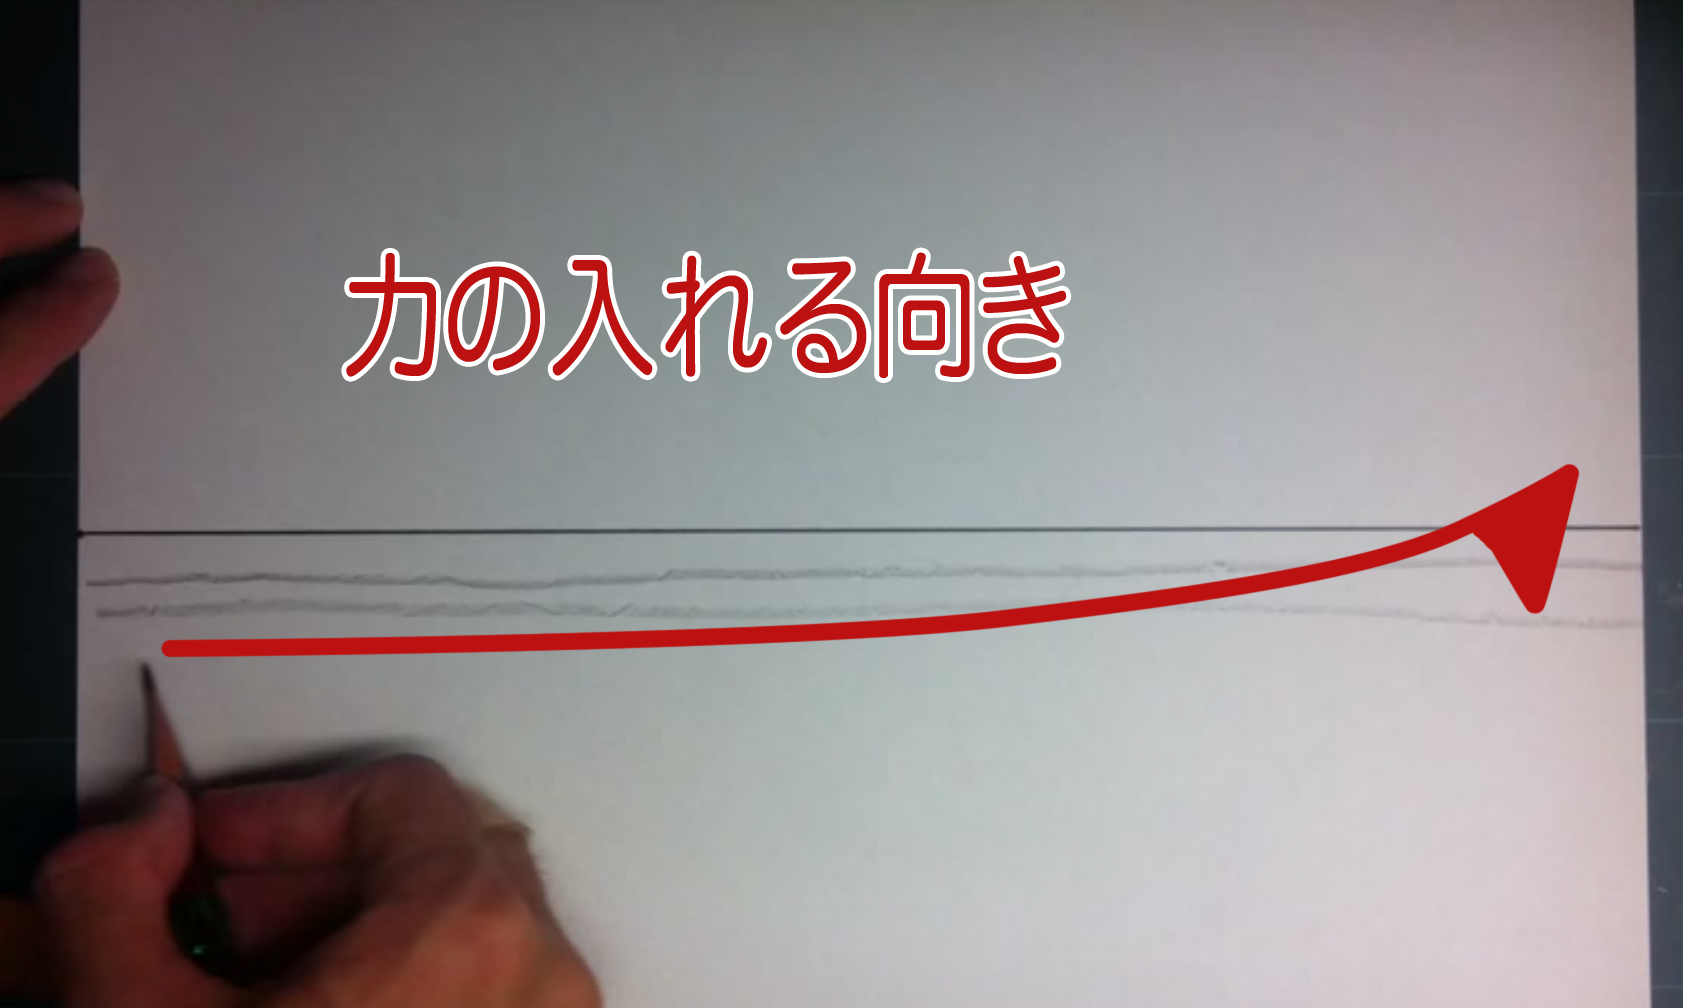 フリーハンドで直線を描く際の力の入れる方向